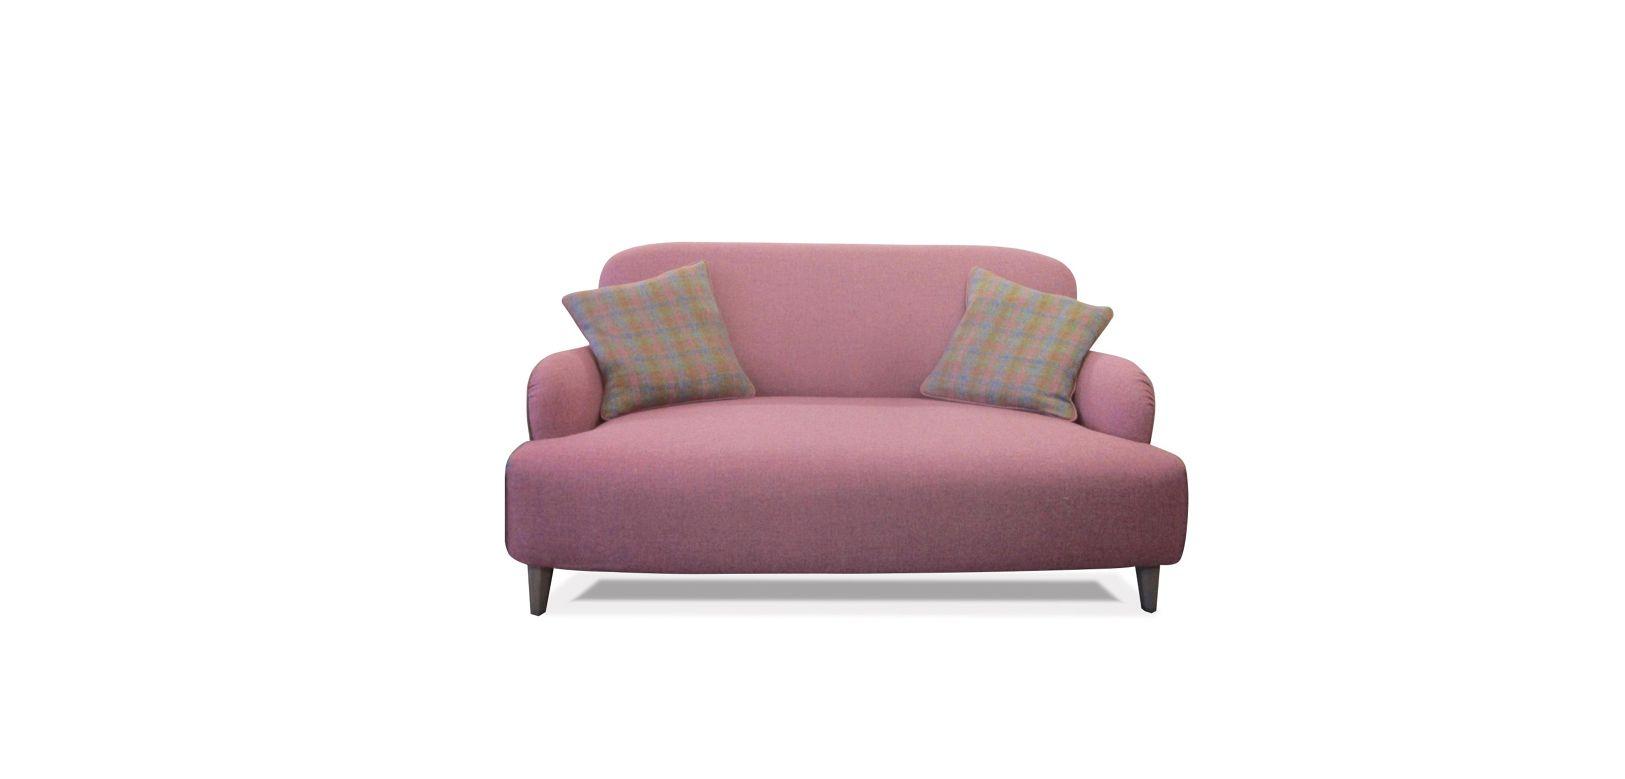 Cardamome 1 5 seat sofa nouveaux classiques collection roche bobois - Sofa rock en bobois ...